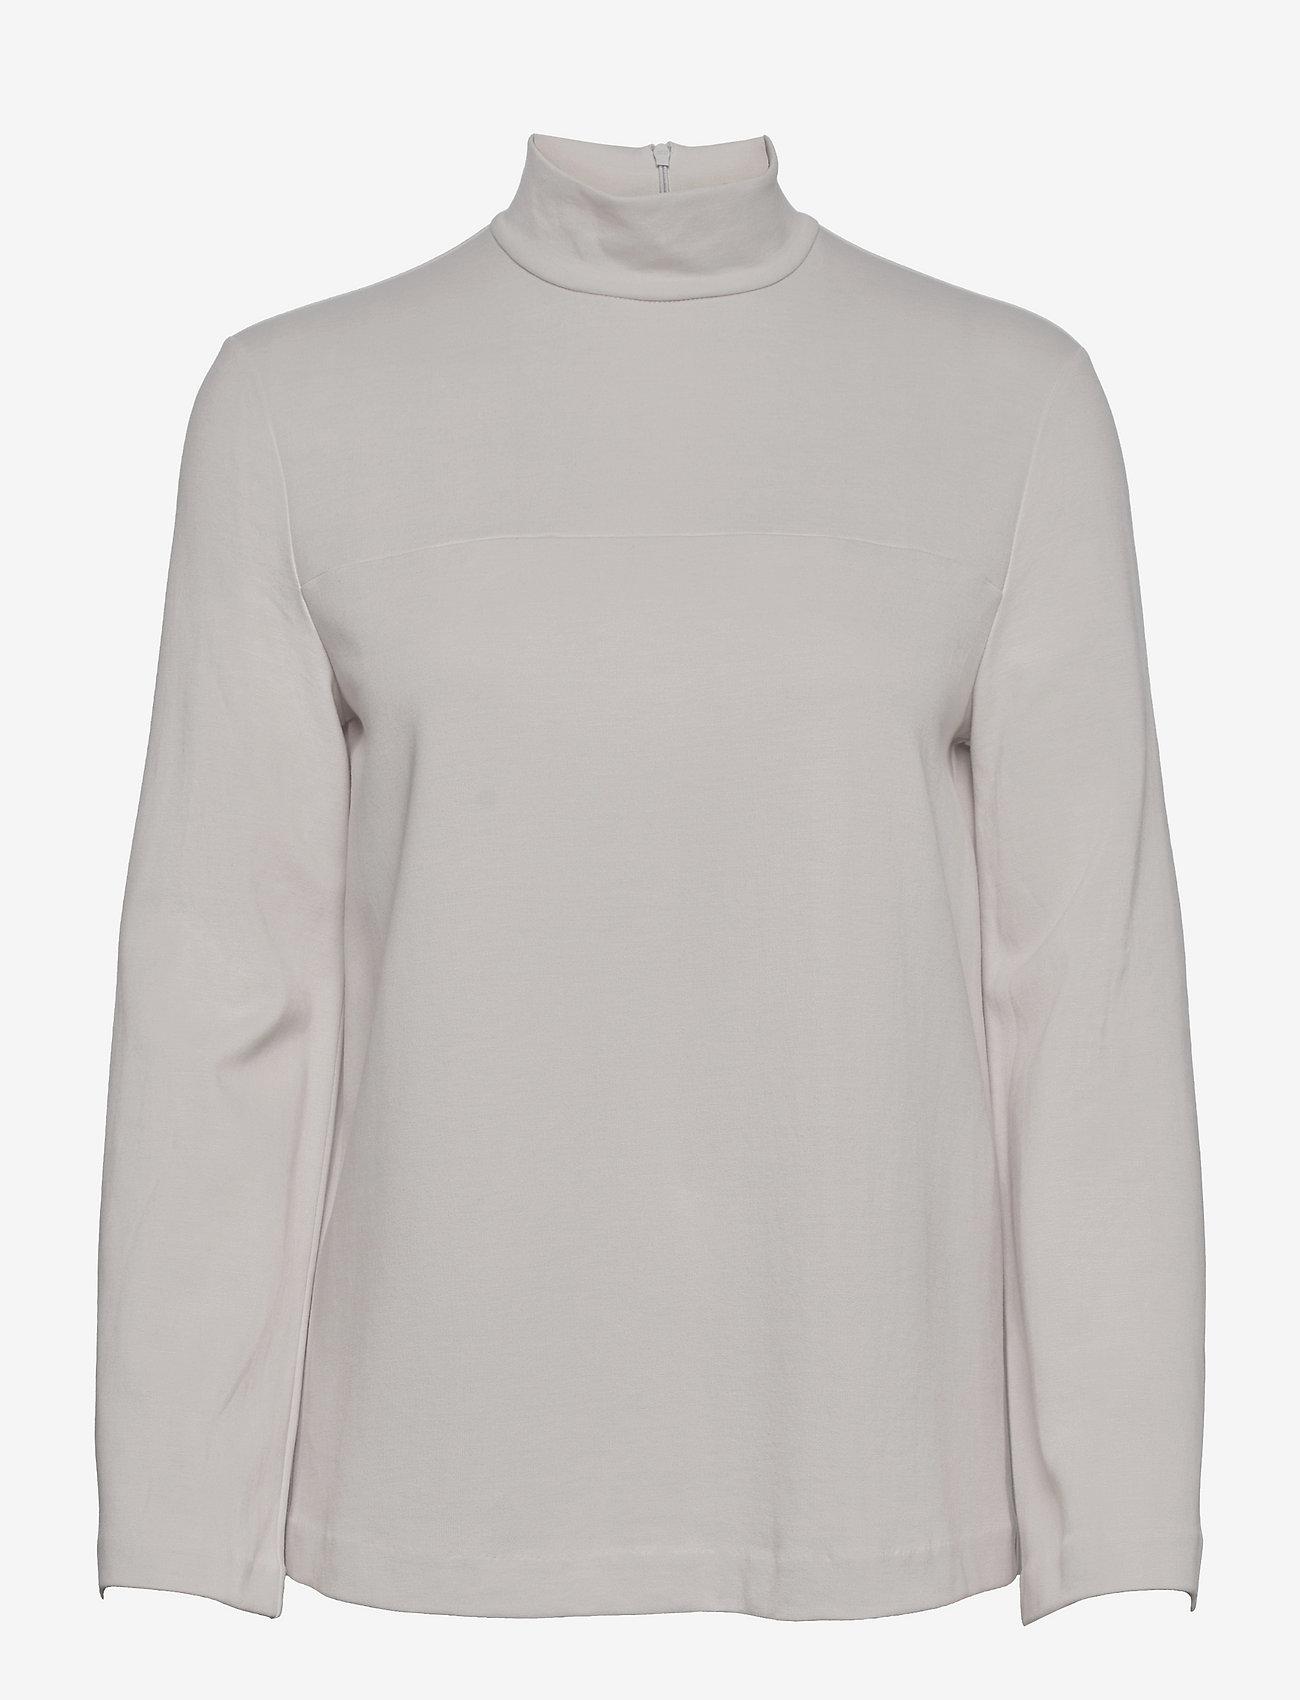 Max Mara Leisure - ETHEL - long-sleeved tops - beige - 0